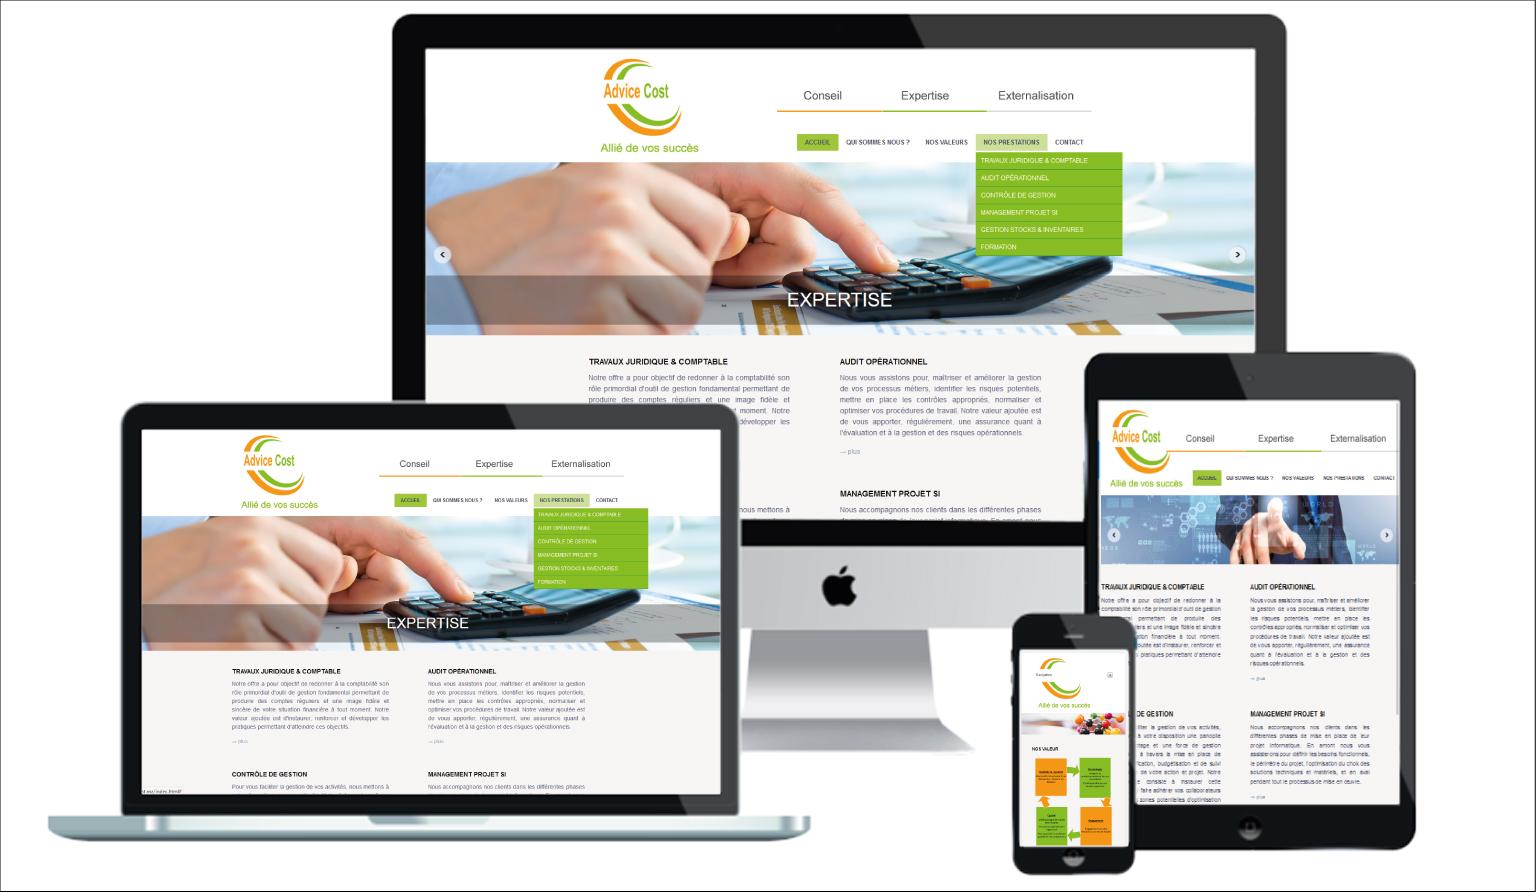 www.advicecost.ma